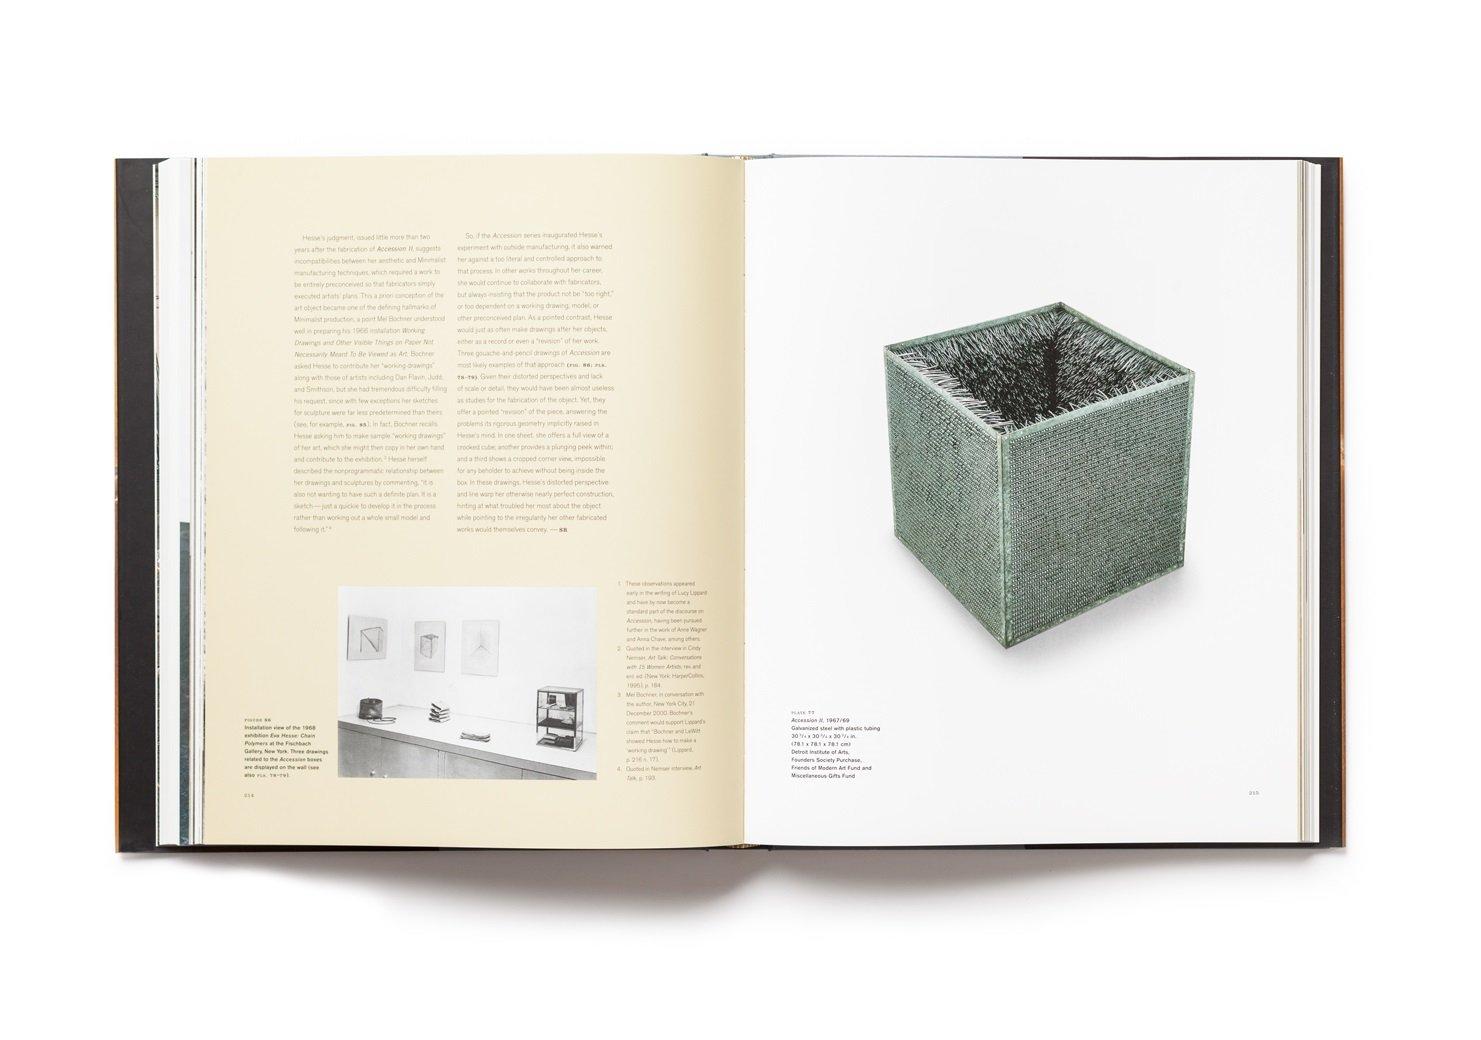 Eva Hesse publication pages 214-215